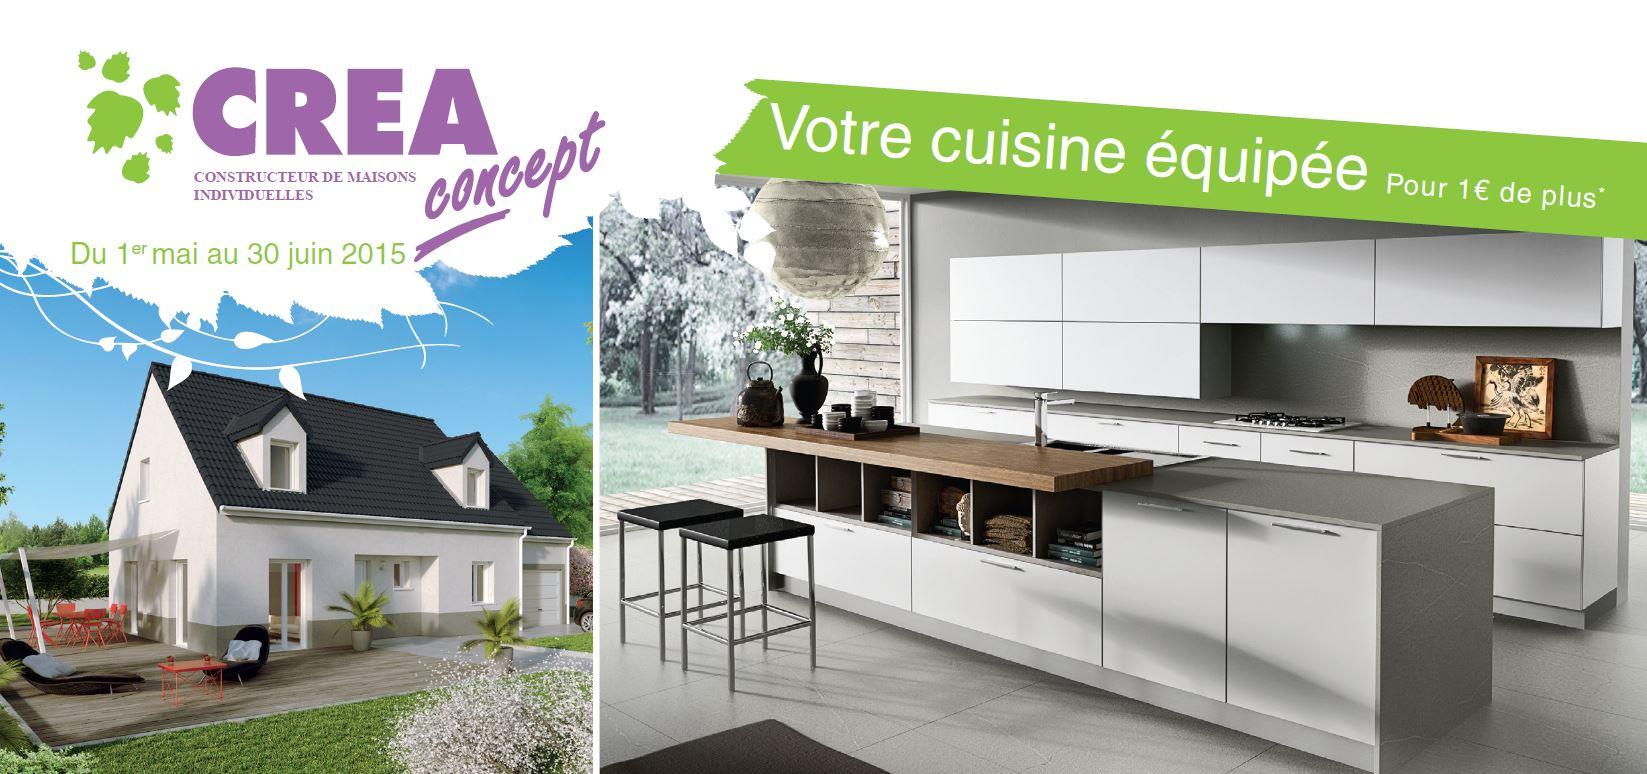 Votre cuisine quip e pour 1 de plus cr a concept for Offre cuisine